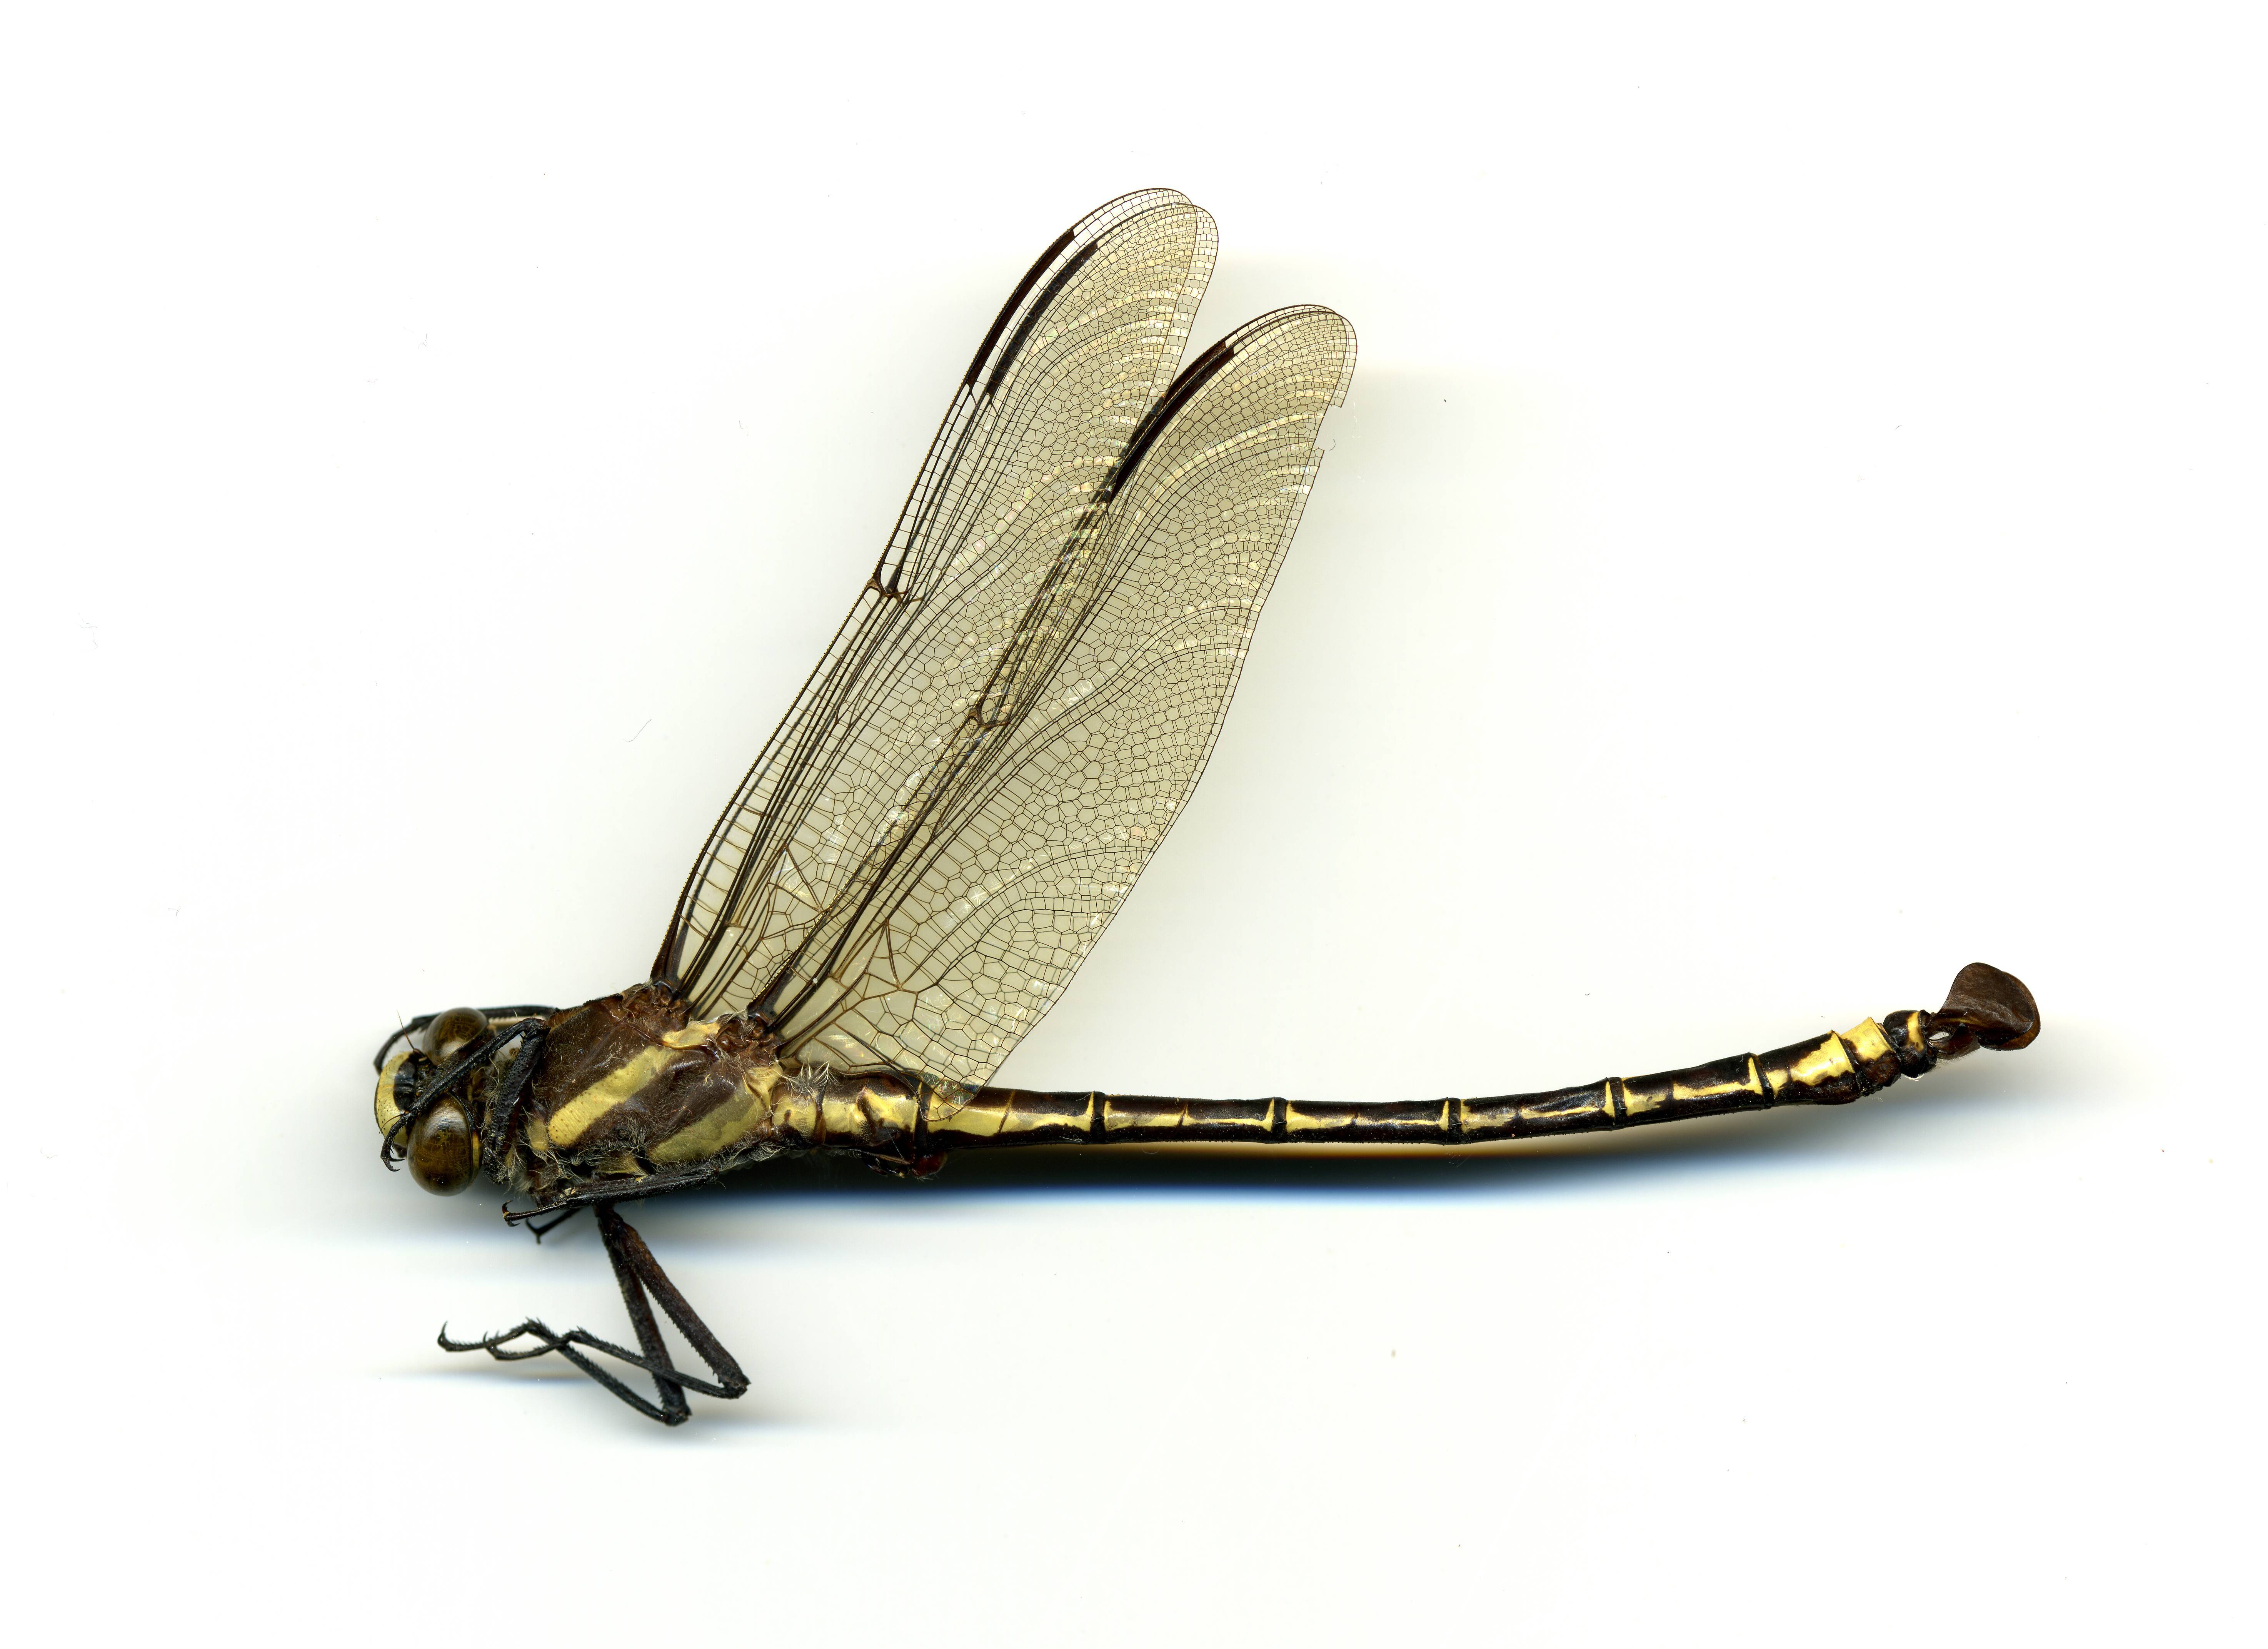 Image of <i>Petalura gigantea</i> Leach 1815